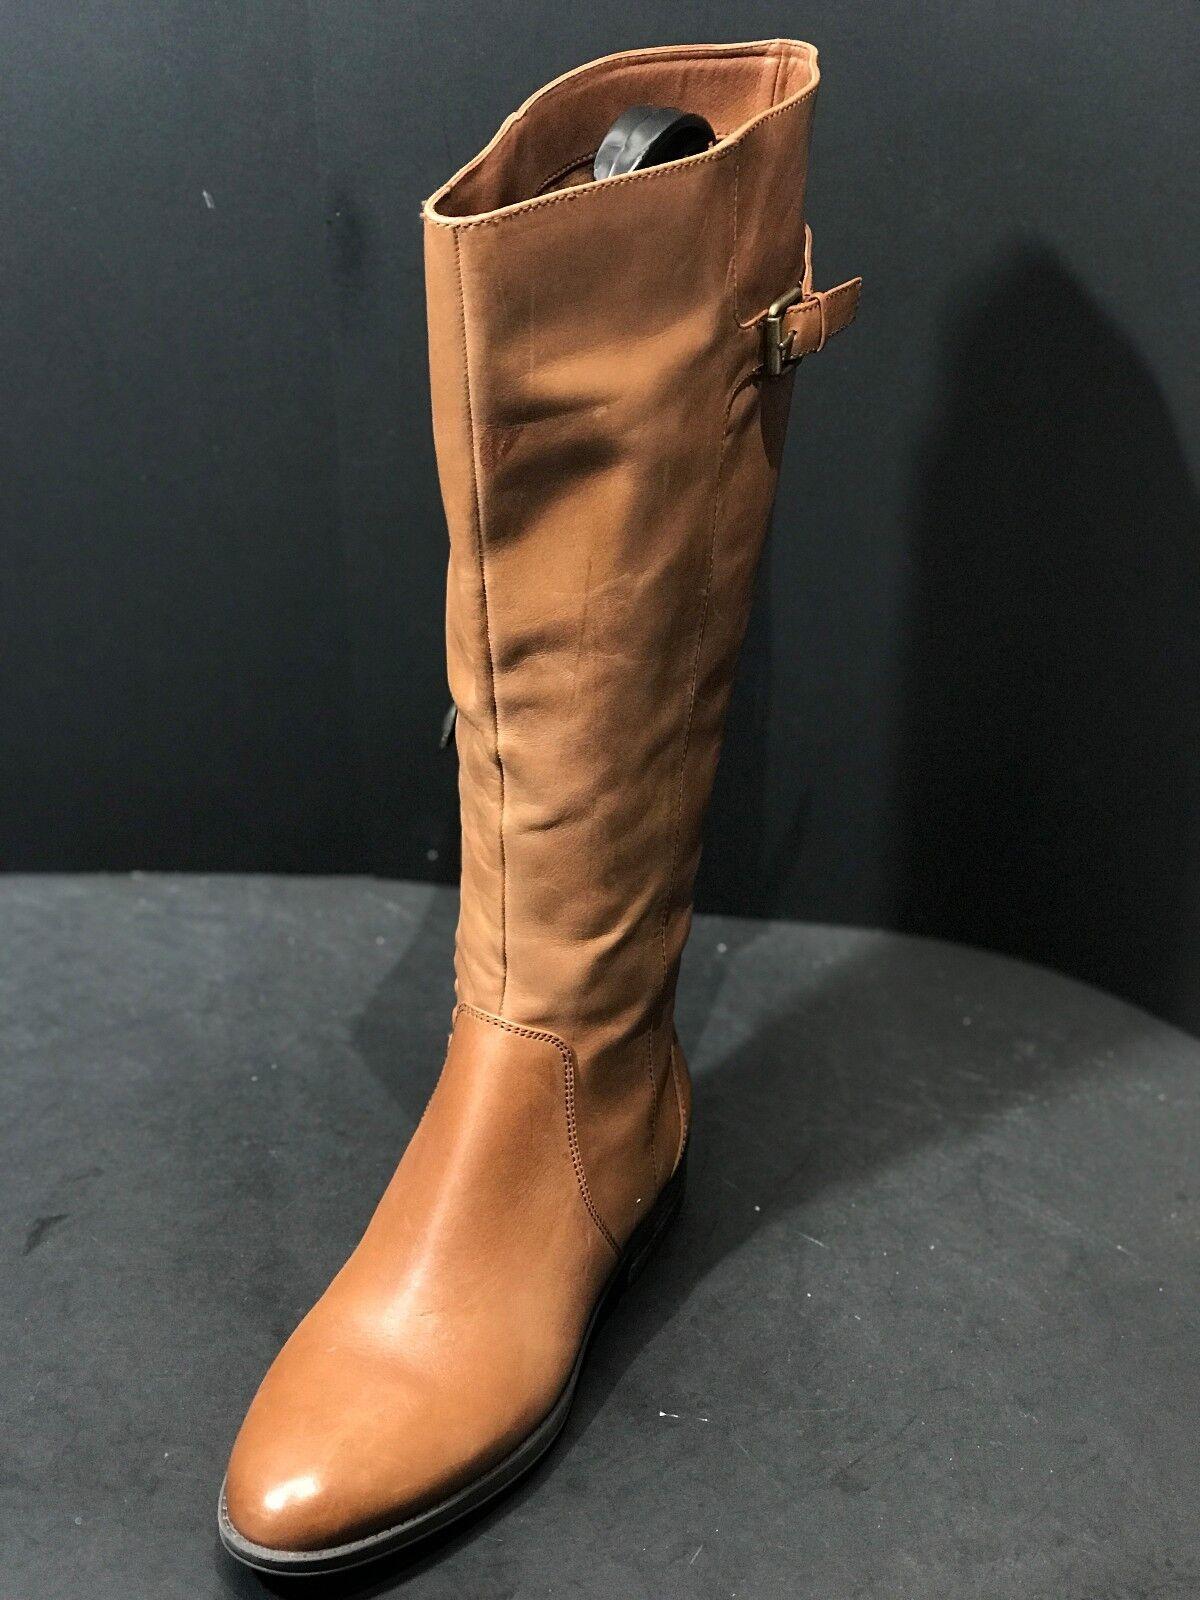 Ultimo 2018 Sam Edelman Patton 2 2 2 Donna  Whiskey Leather Knee High Riding stivali Dimensione US 7 M  più sconto